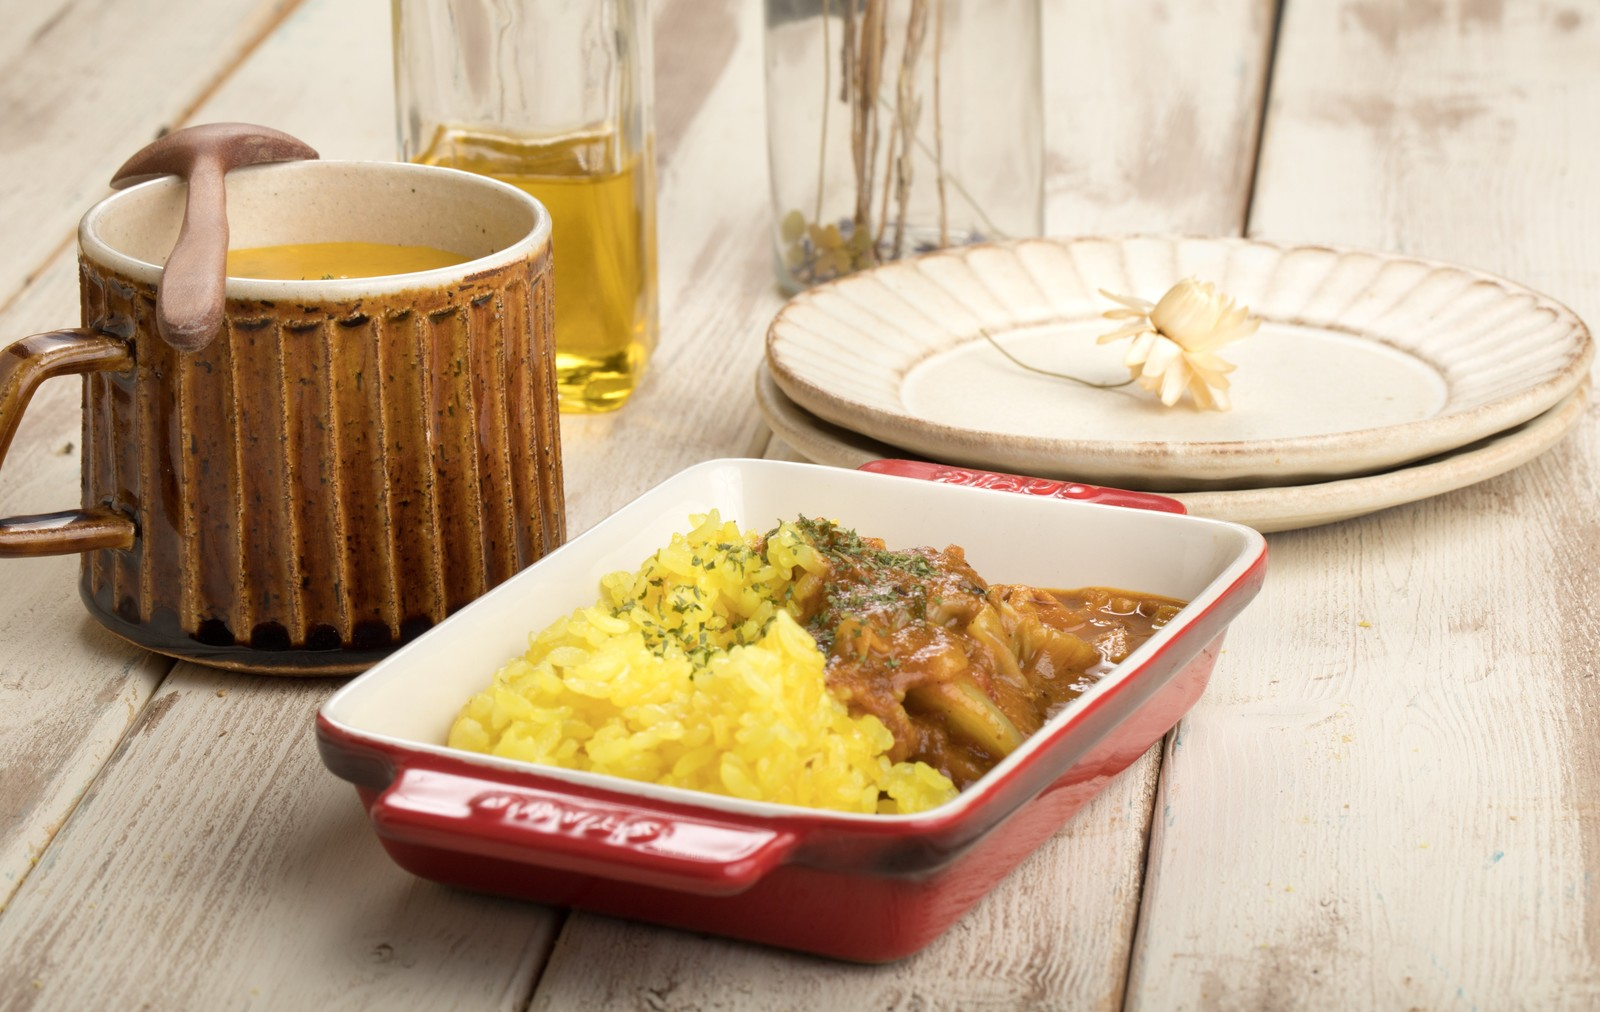 名寄のランチおすすめ13選!洋食から和食まで美味しいお店を厳選してご紹介!